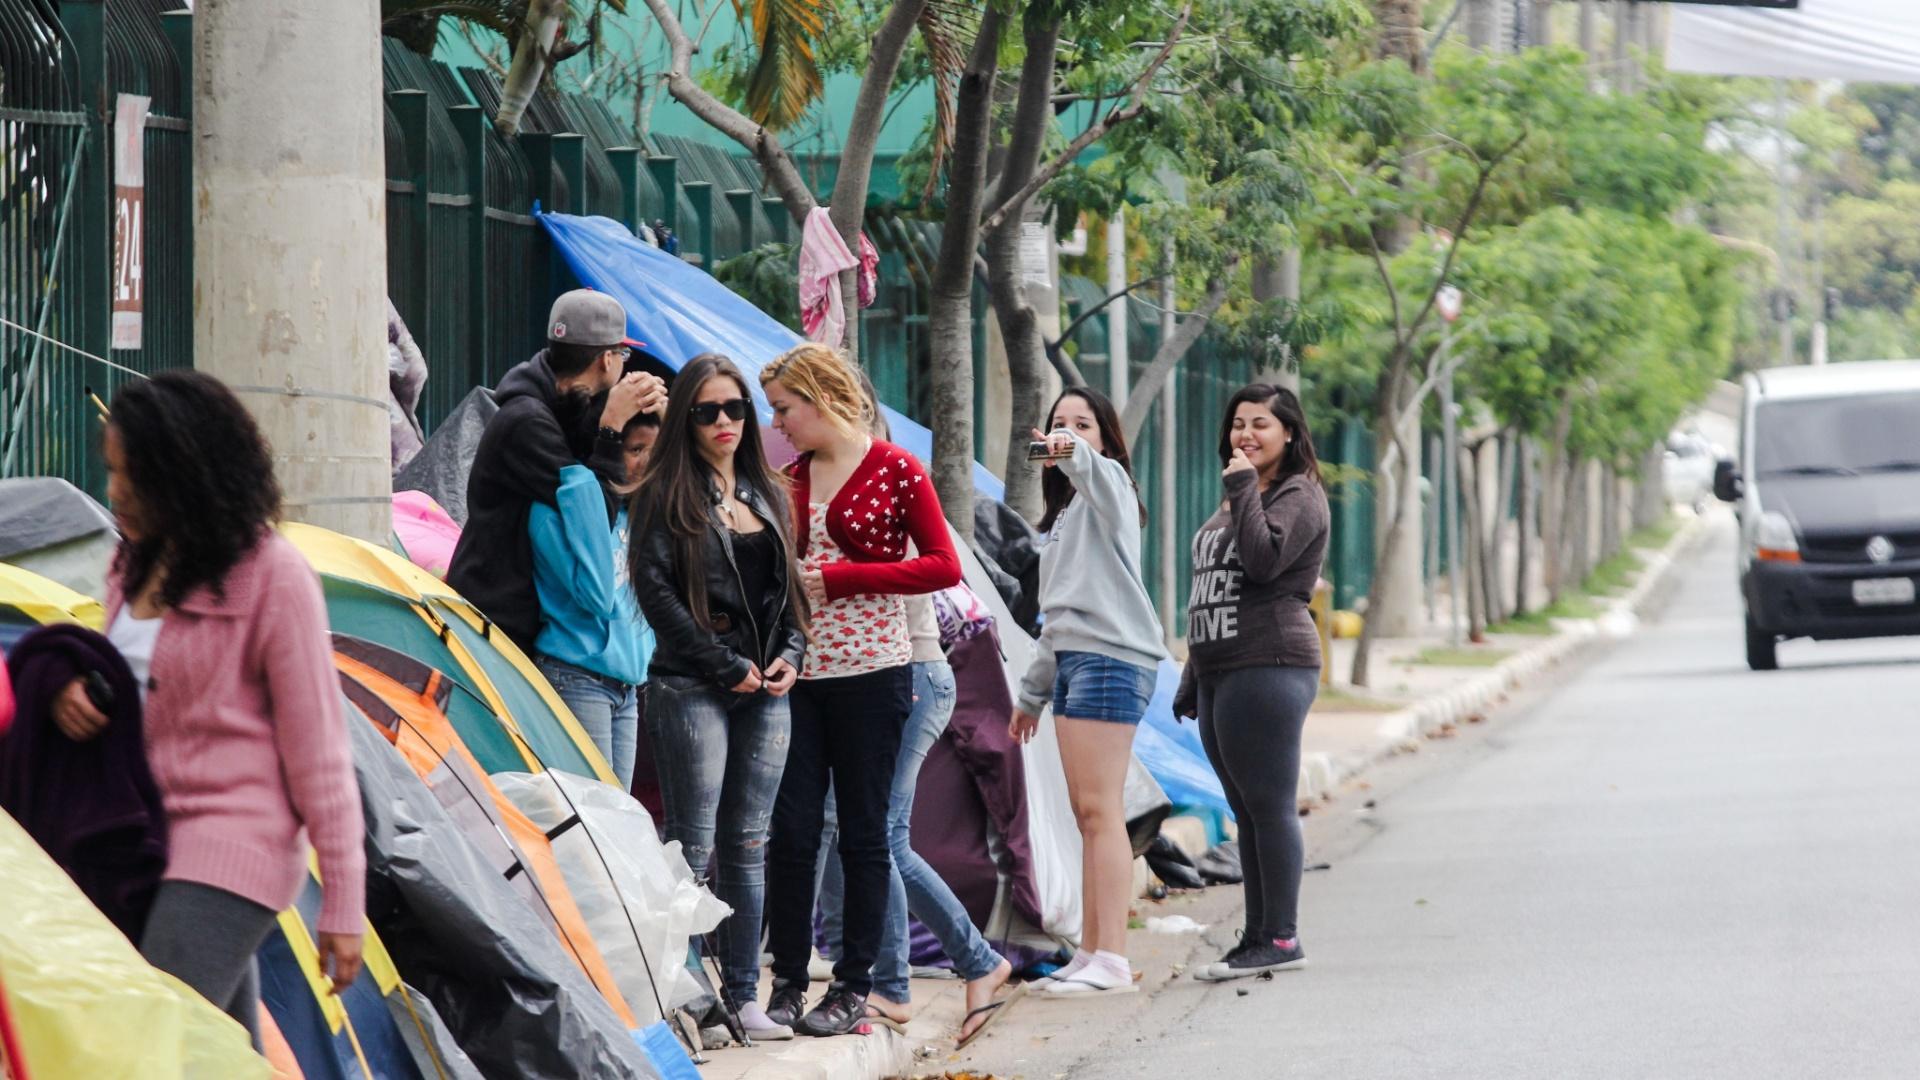 25.set.2013 - Fãs do astro pop Justin Bieber acampam na calçada da Avenida Olavo Fontoura, ao lado do Anhembi, na zona norte de São Paulo, onde o cantor canadense se apresenta no dia 3 de novembro